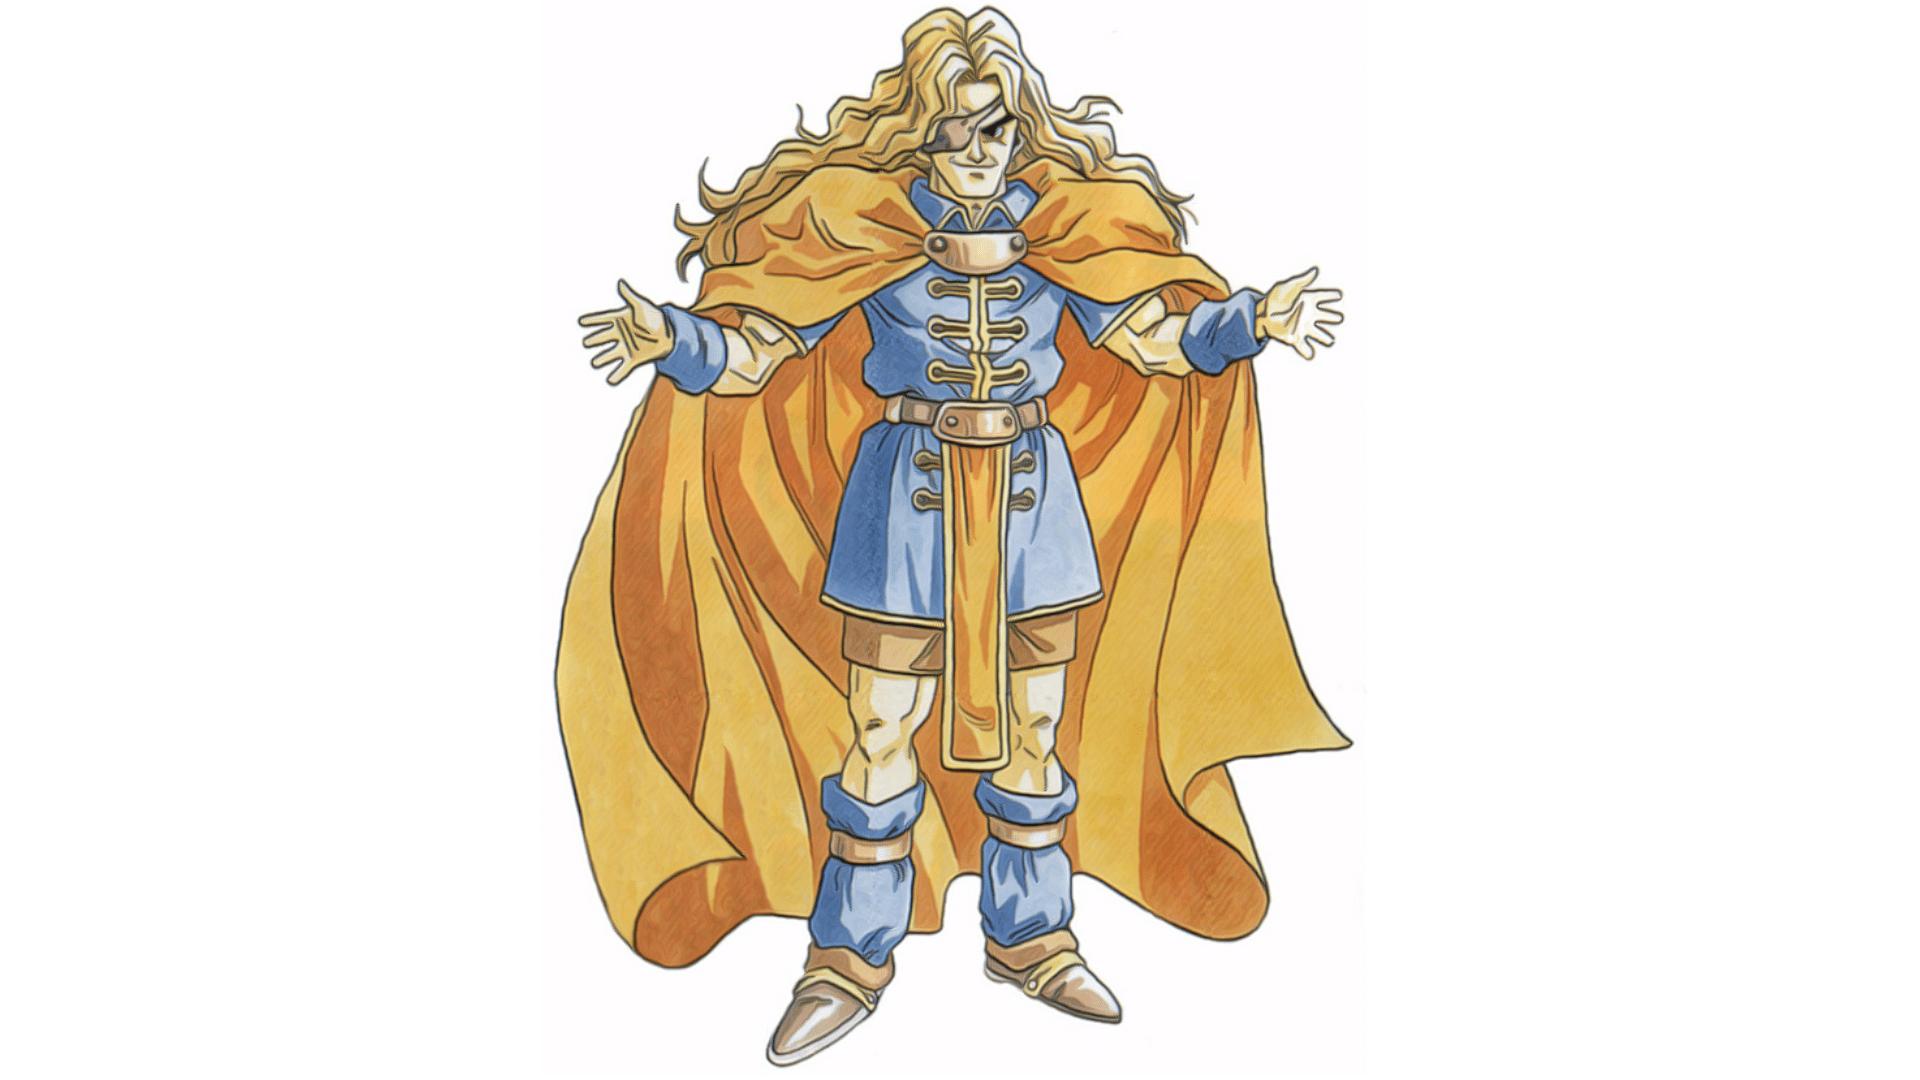 Dalton é o não tão leal conselheiro da Rainha Zeal (Foto: Divulgação/Square Enix)